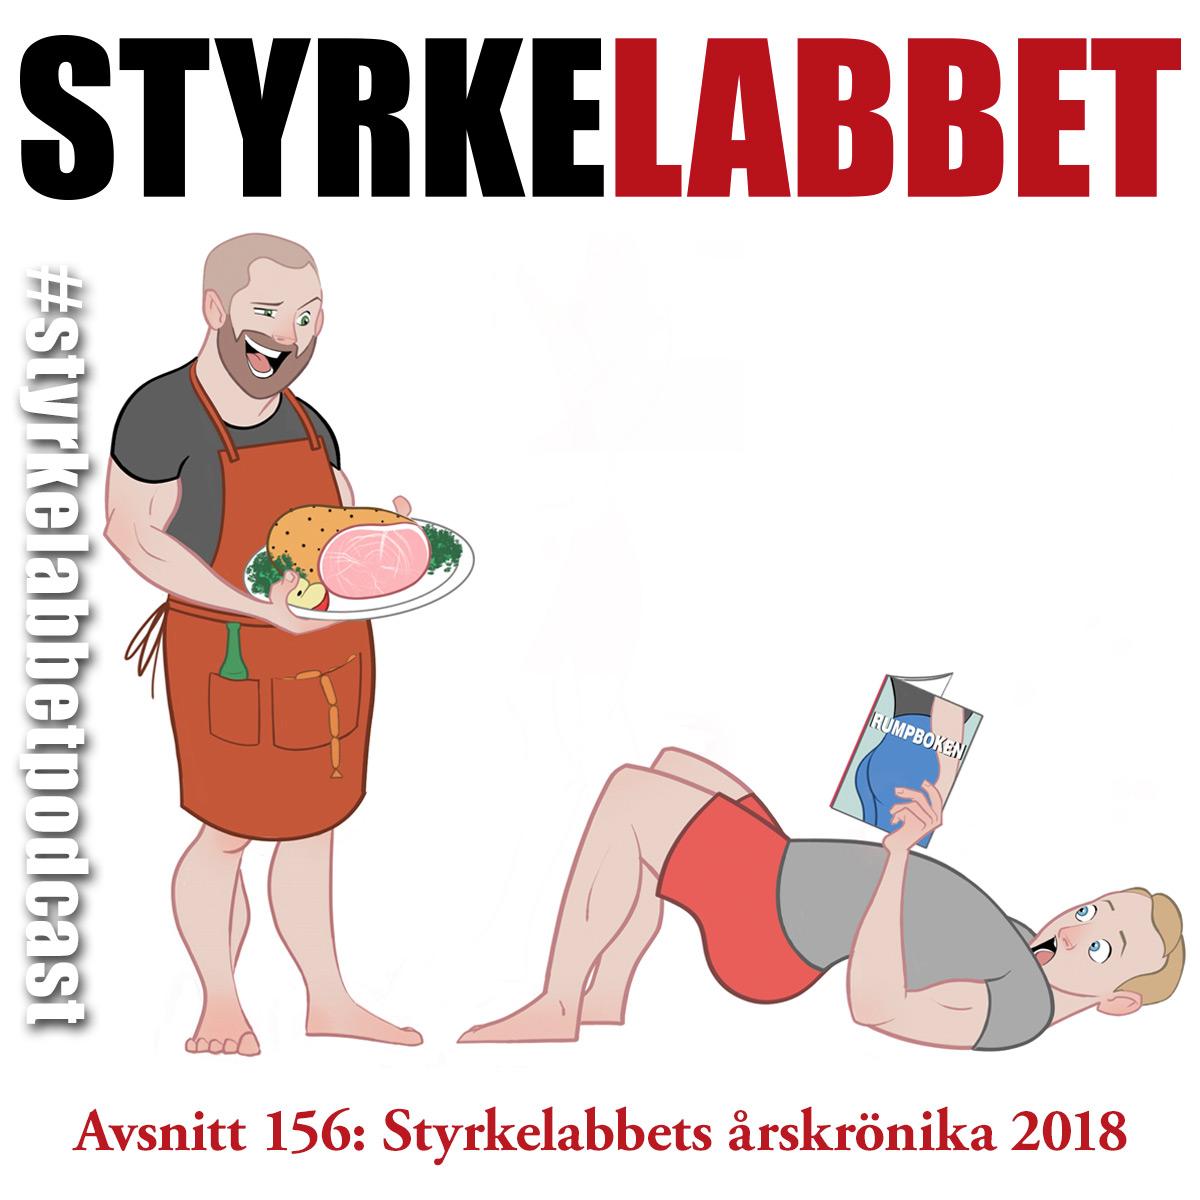 Styrkelabbet avsnitt 156: Styrkelabbets årskrönika 2018